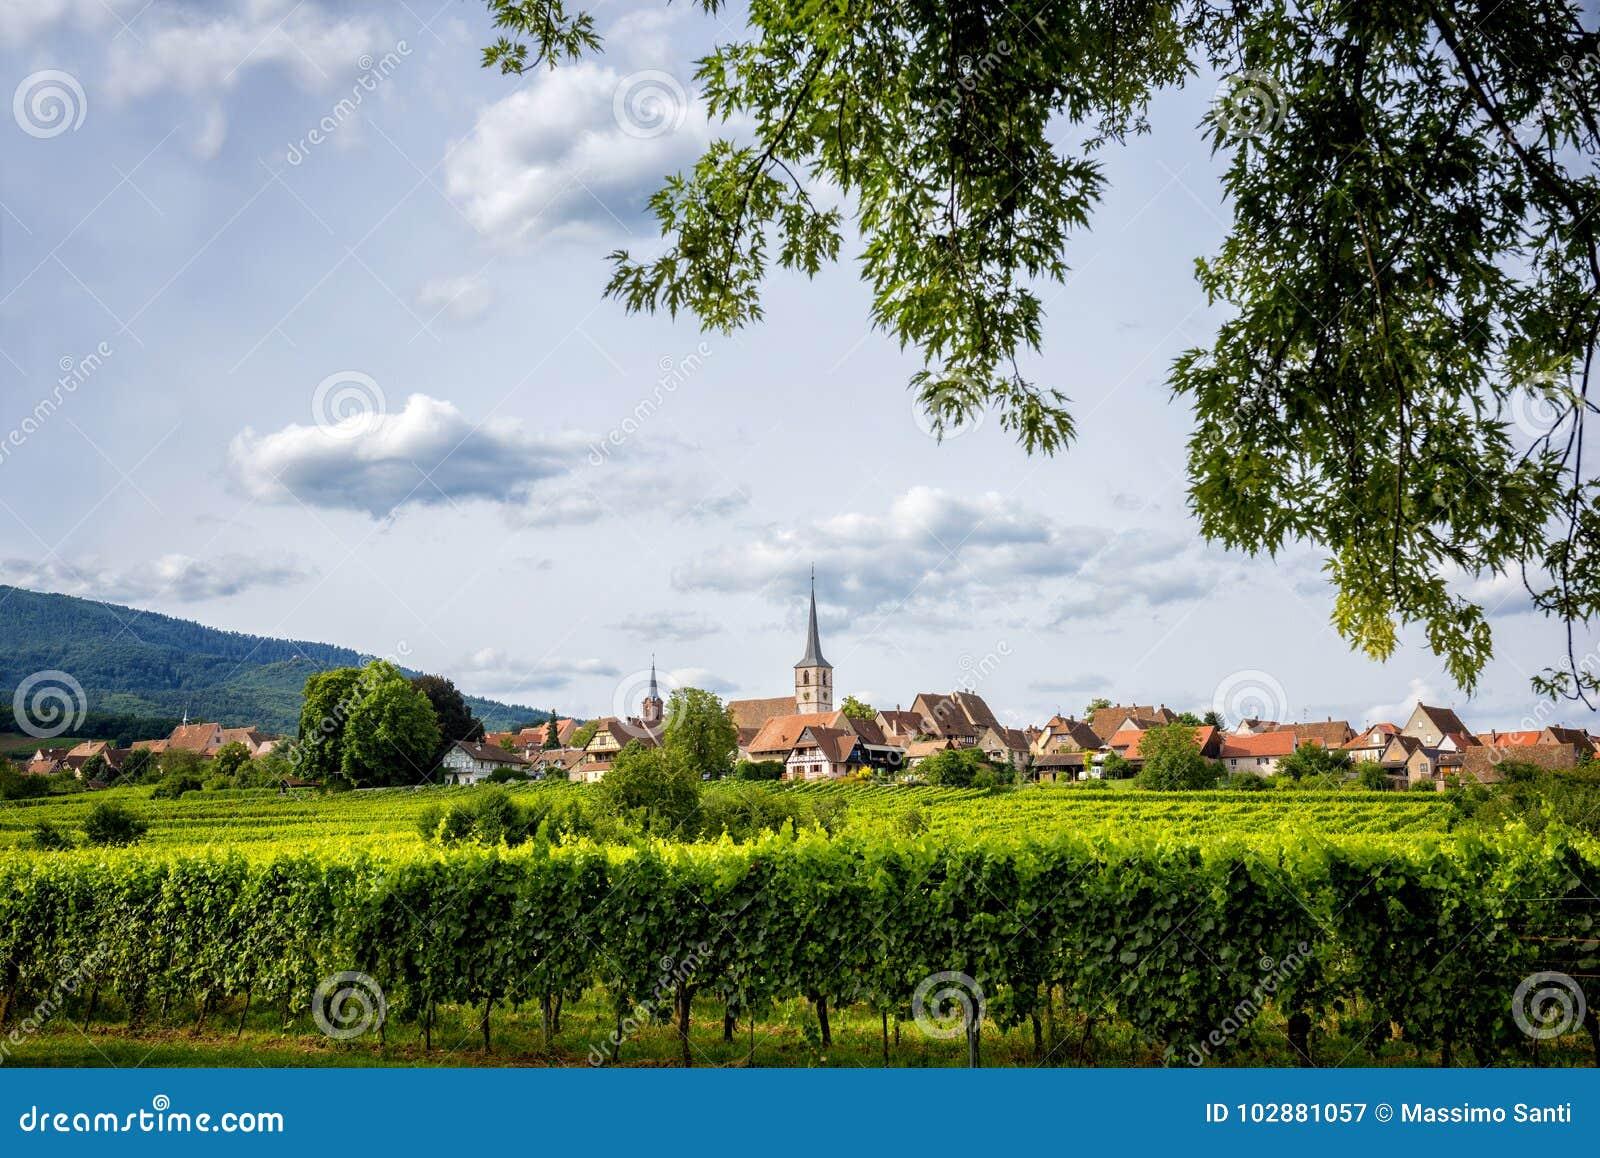 Estrada do vinho na paisagem do vinho de Alsácia